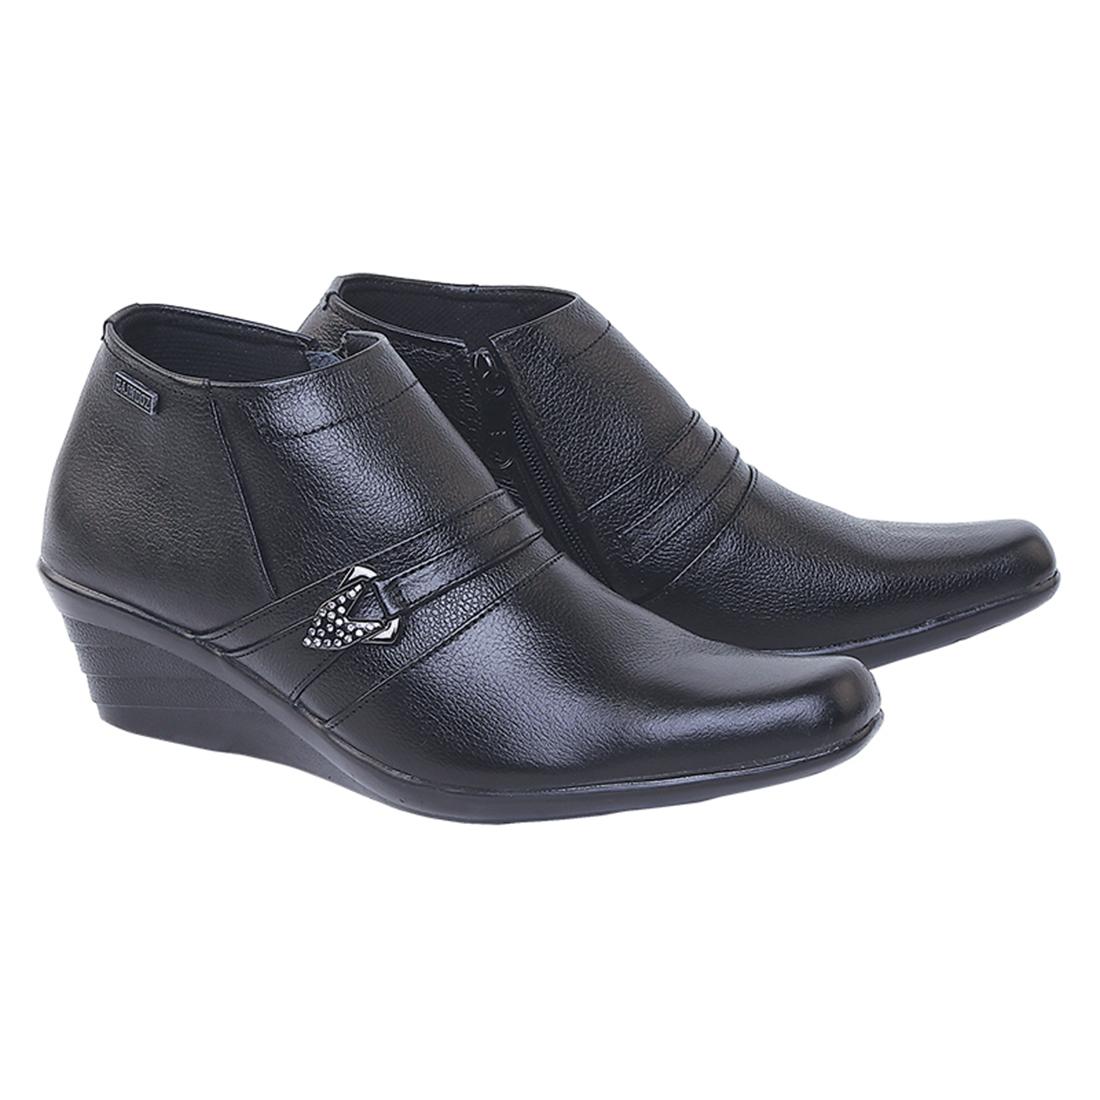 sepatu boots wanita, sepatu boots cewek,boot perempuan murah RUP 058 / sepatu pantofel formal wanita kerja kantor bisnis pesta harian murah model terbaru / sepatu pantopel pantofel kulit wanita kerja harian / sepatu pantofel boots boot heels wanita